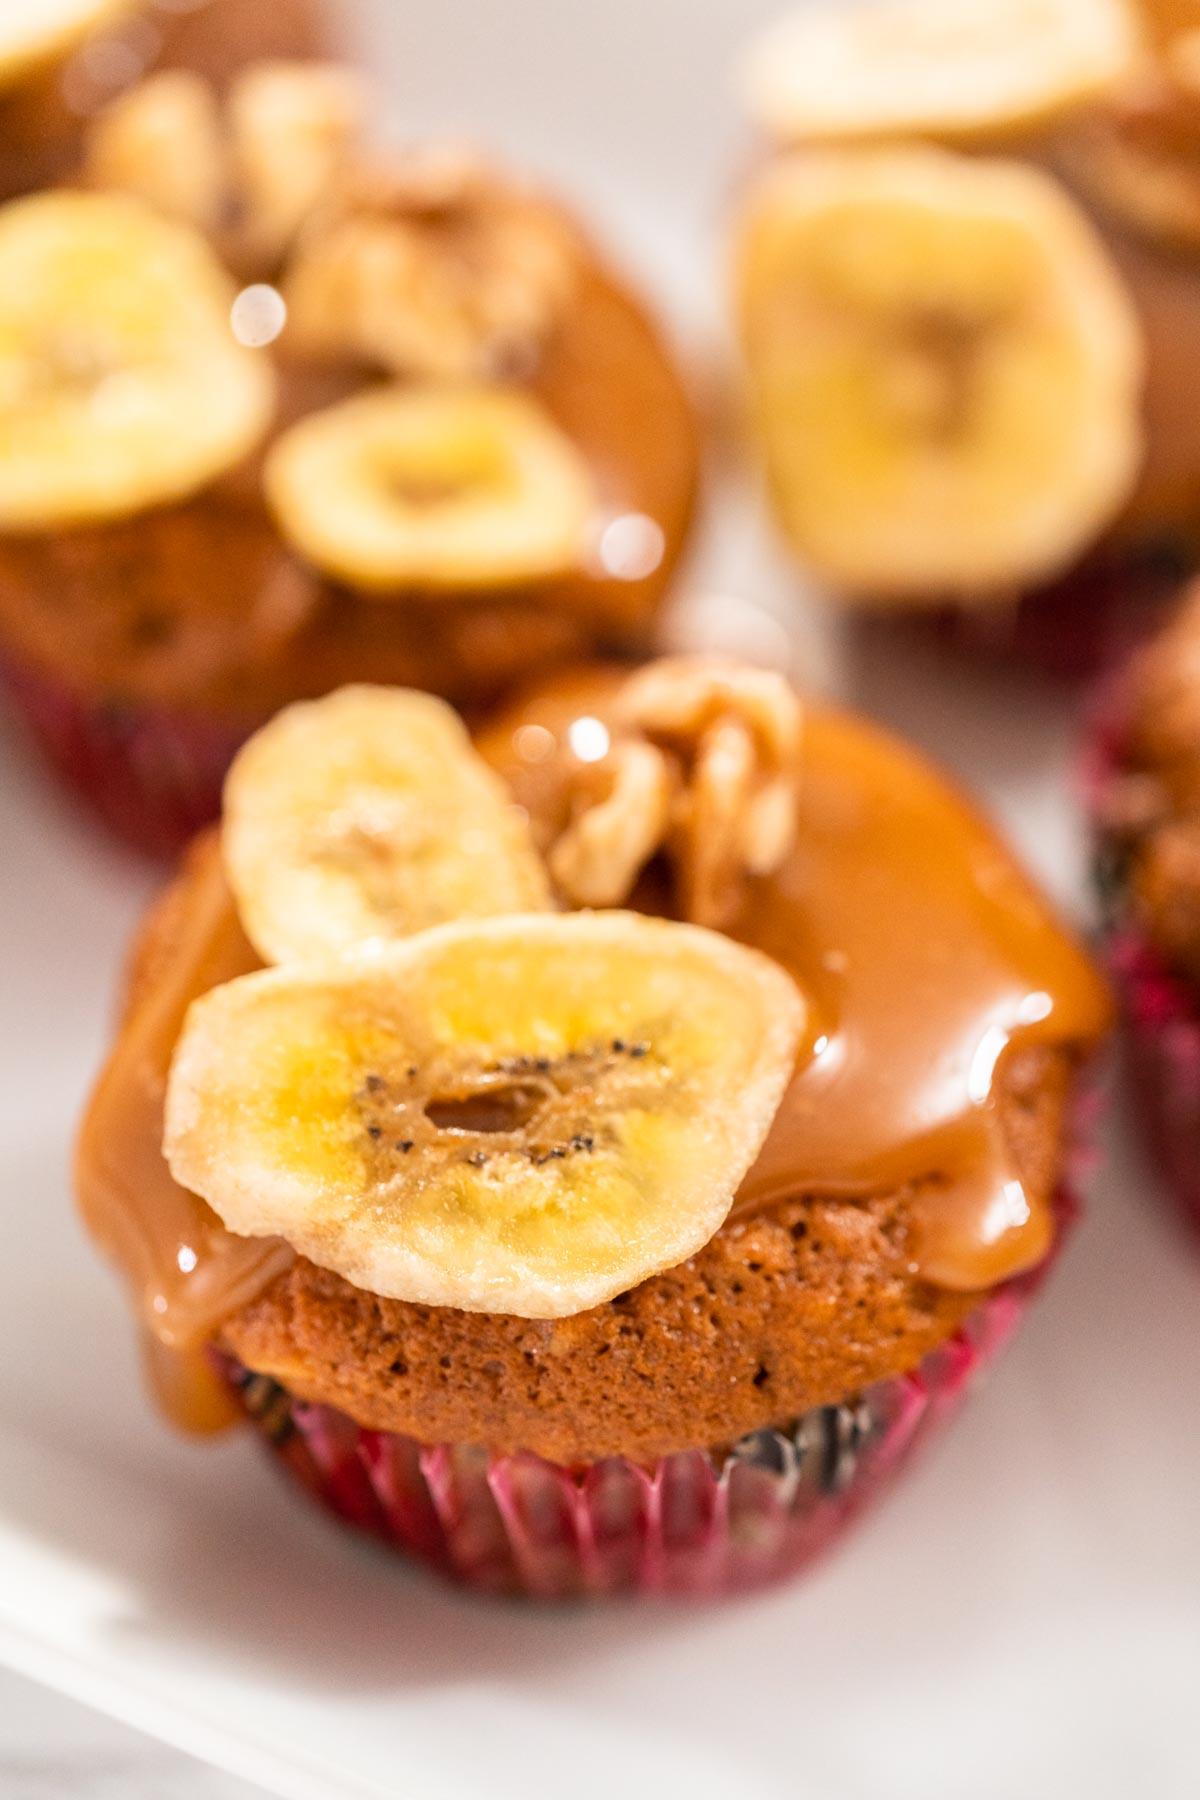 Caramel Banana Muffins